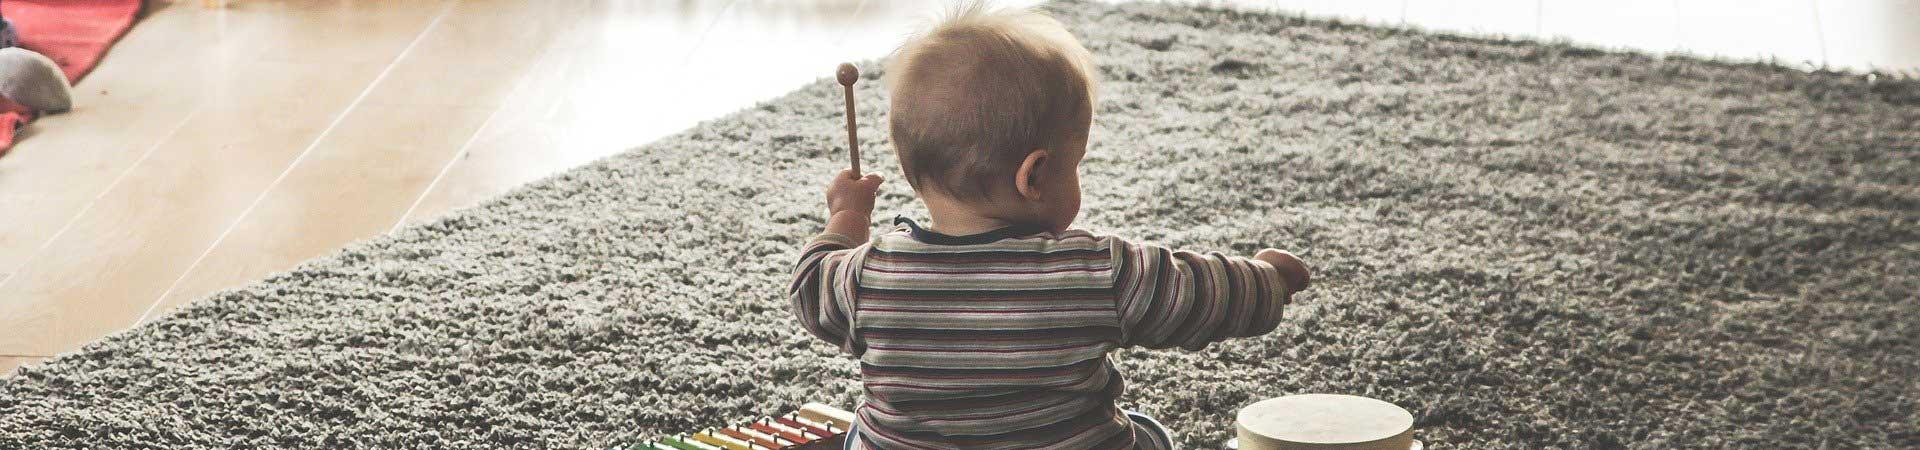 Aides auditives pour enfants